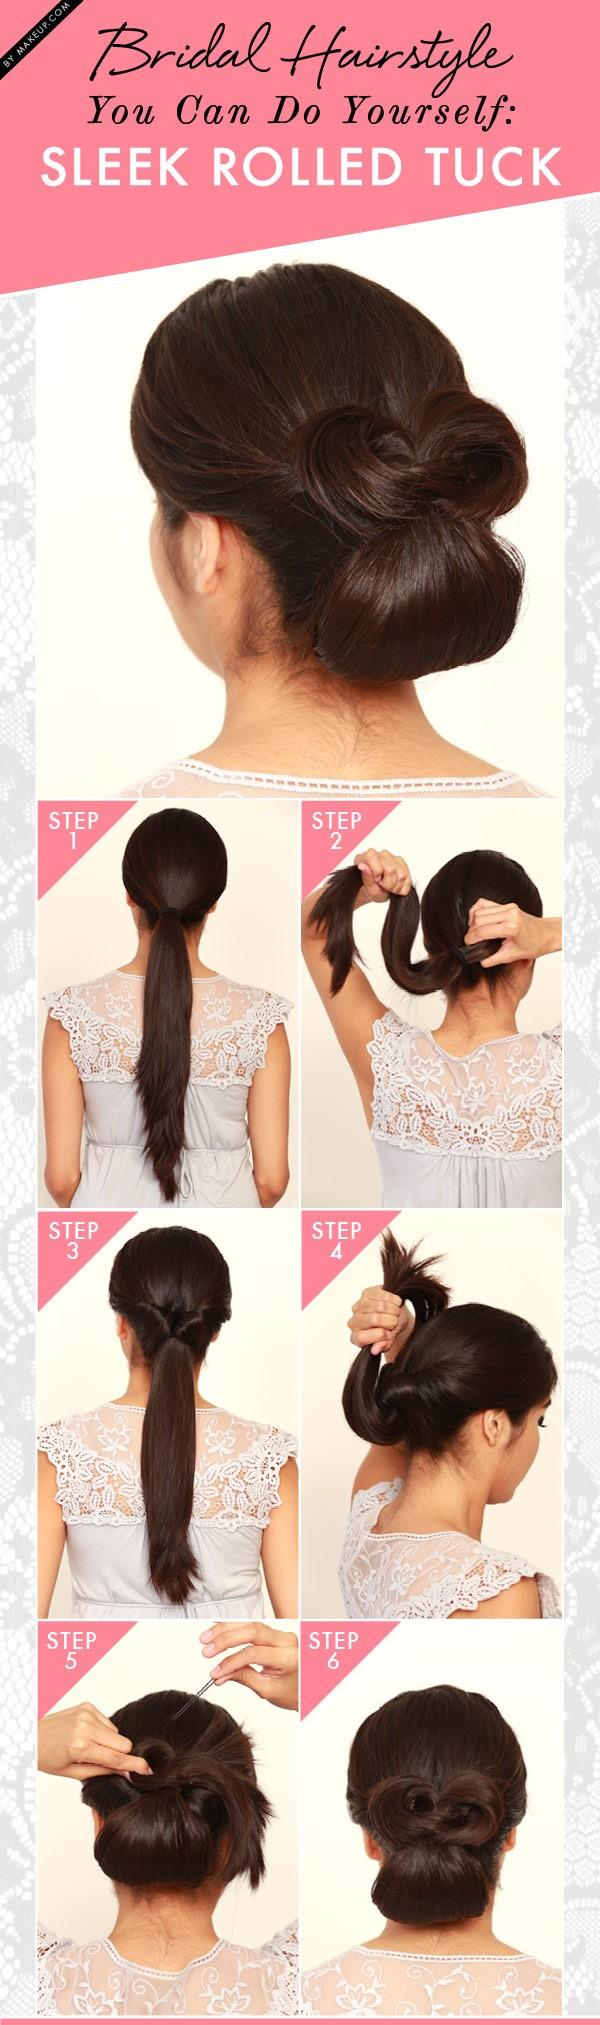 Wedding Hairstyles - Sleek Rolled Tuck